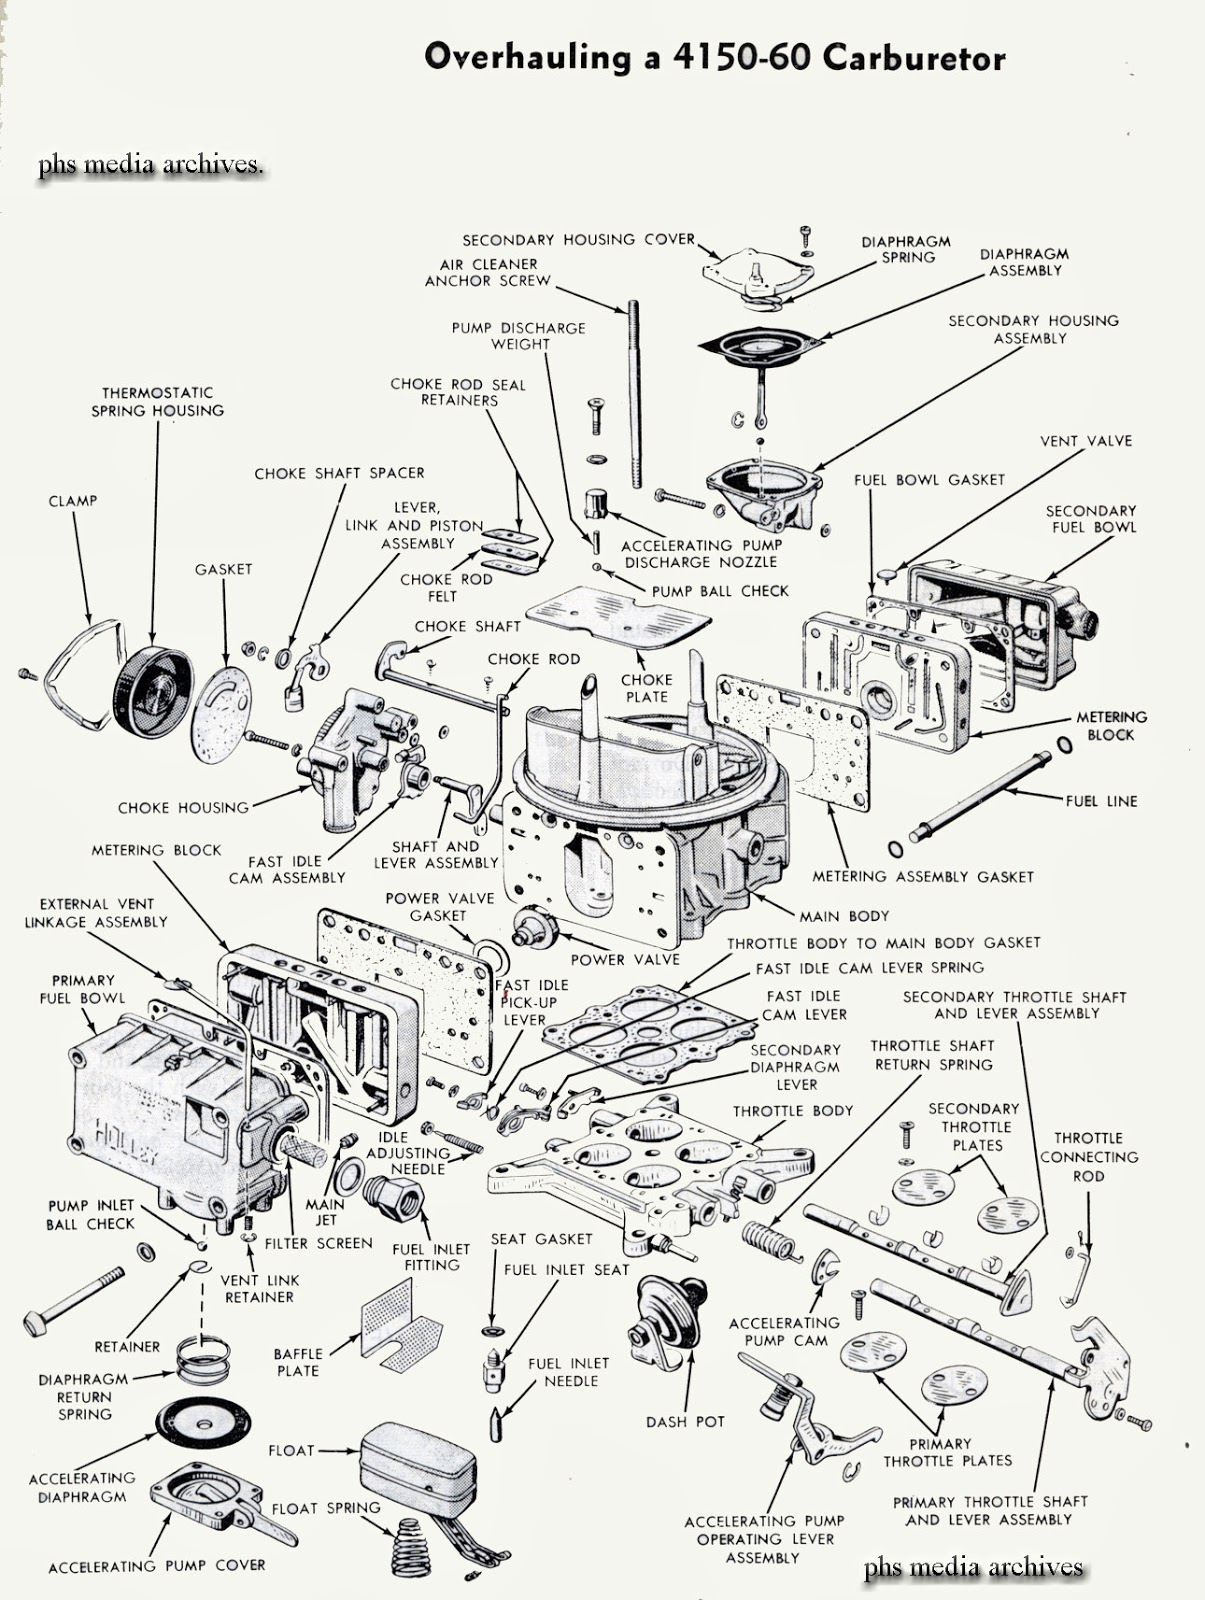 medium resolution of vacuum hose diagram moreover holley 2 barrel carburetor diagram terrain also holley carb vacuum port diagram